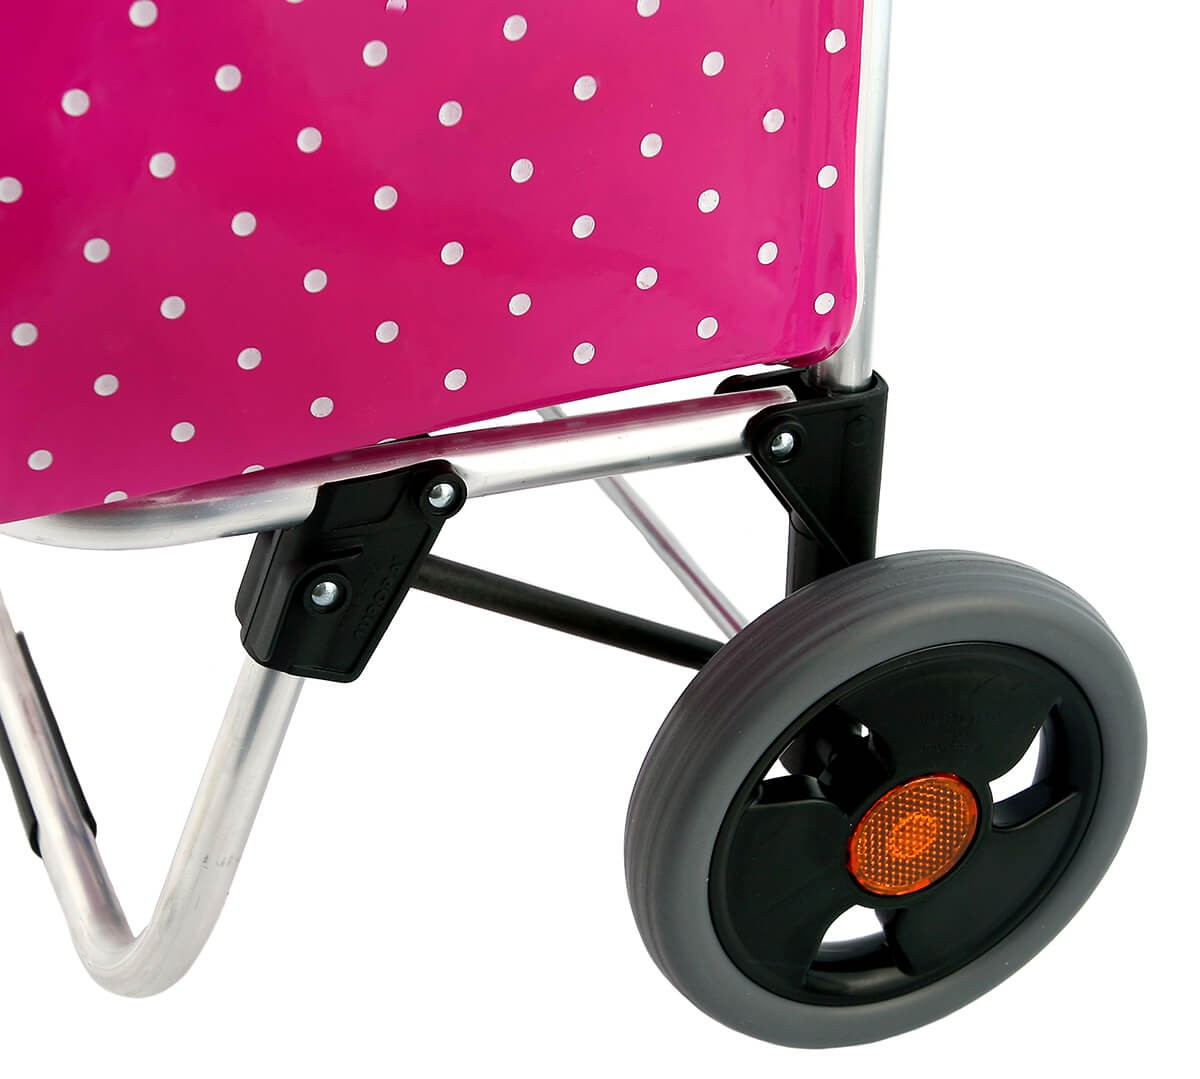 Kółka wózka na zakupy Aurora City Marilyn z widocznymi odblaskami